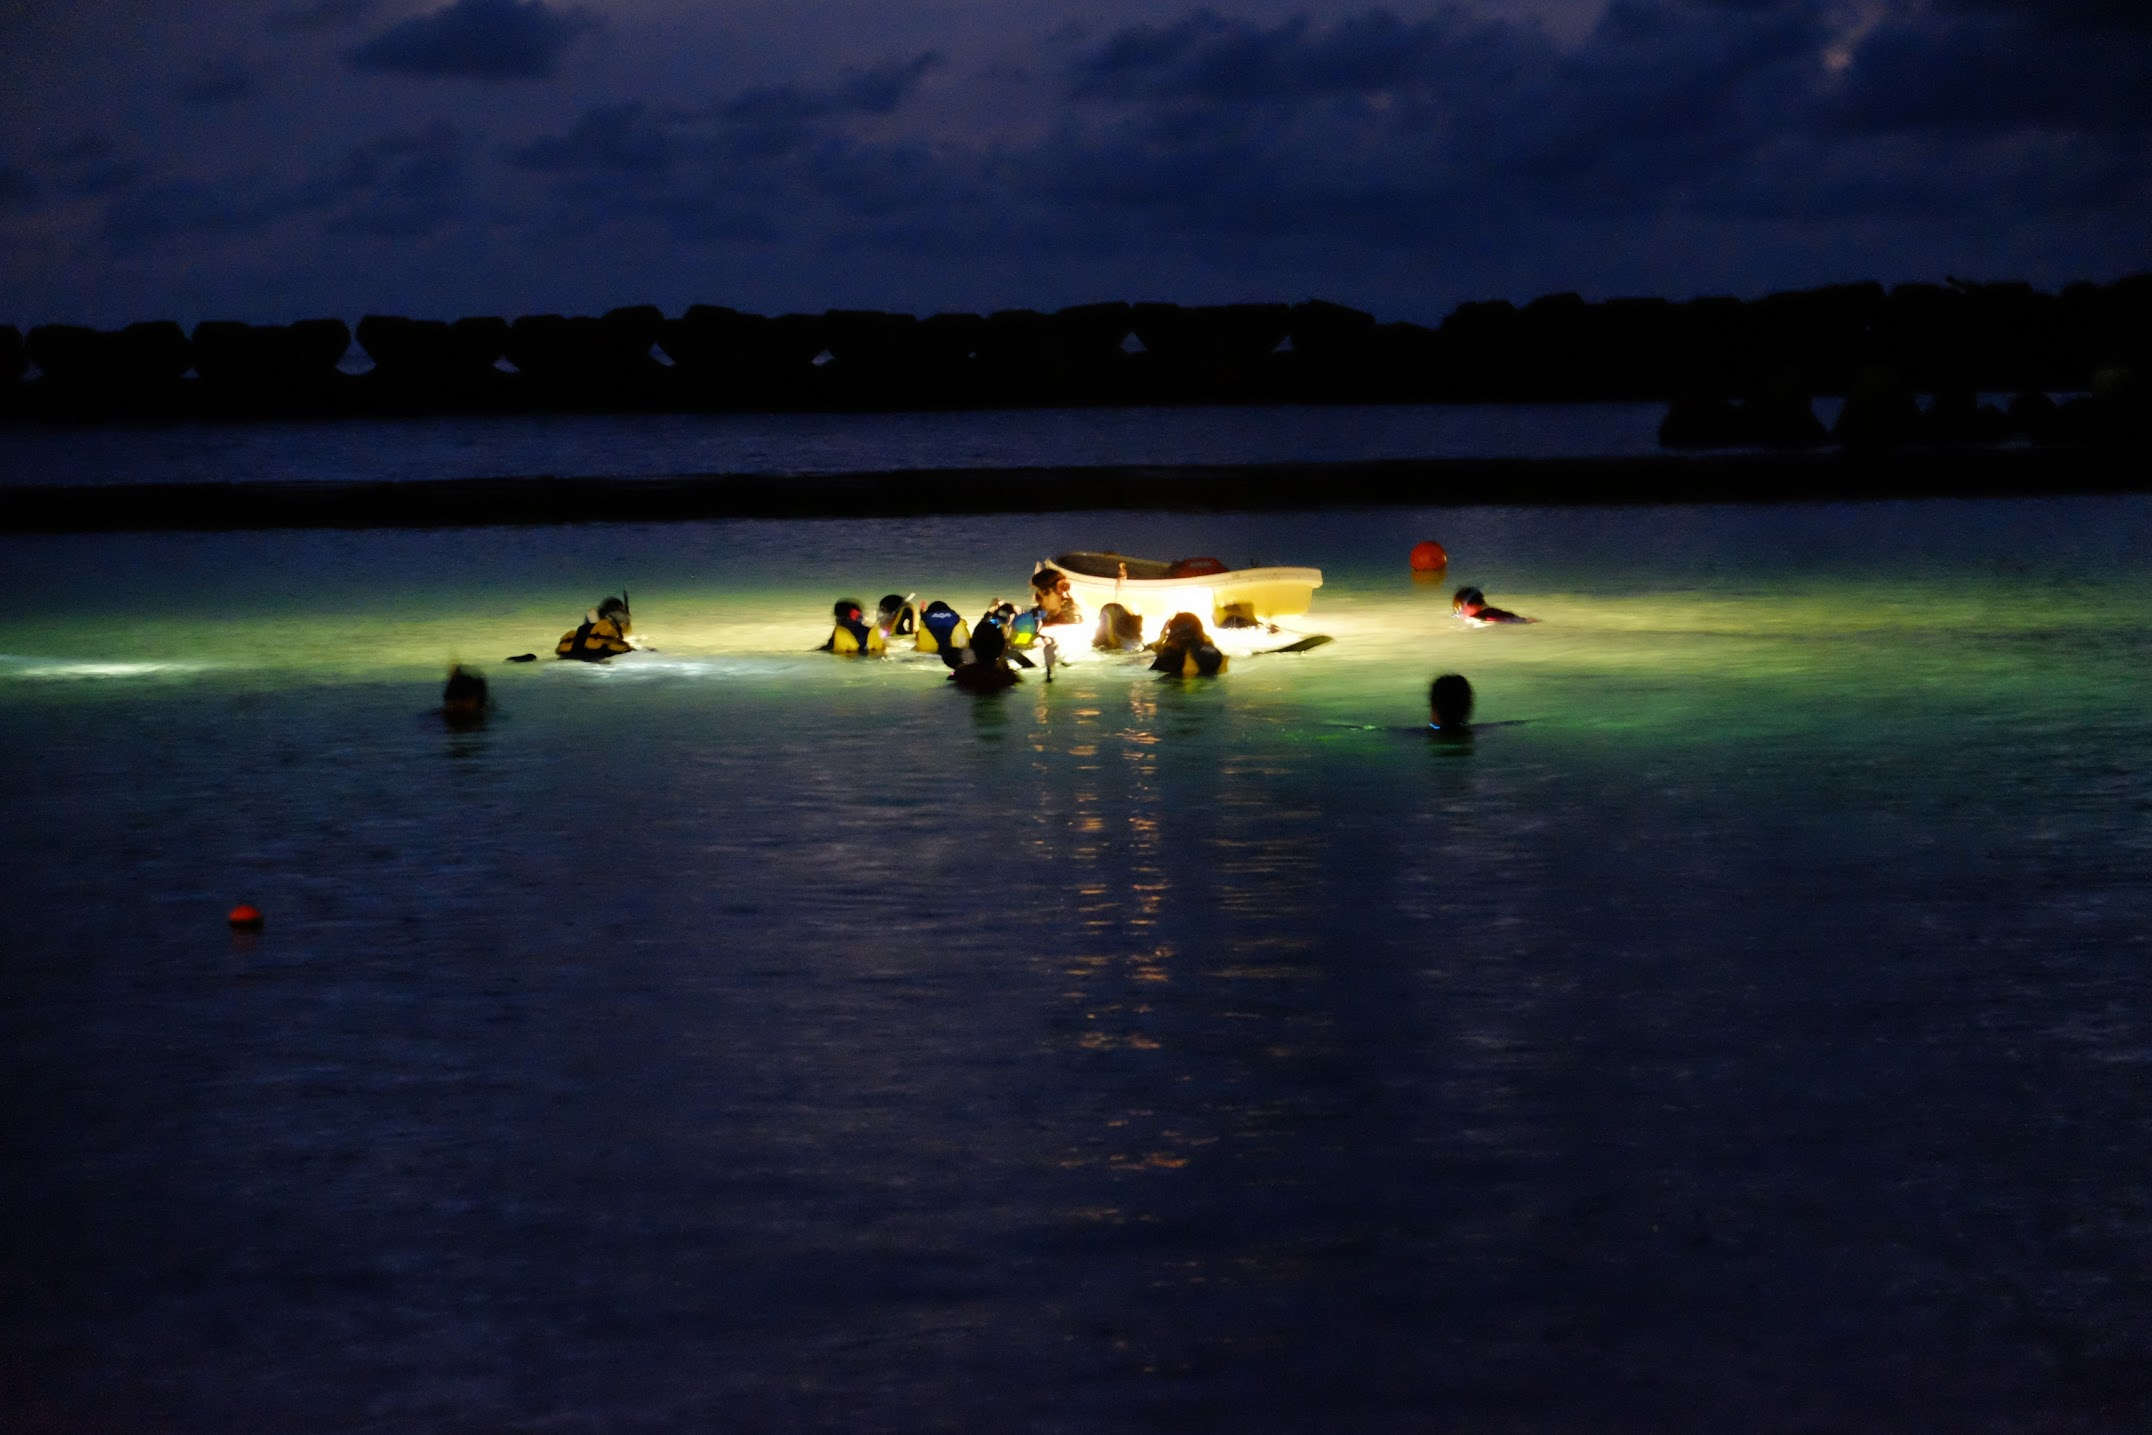 夜の海を除くナイトシュノーケルイベントの写真